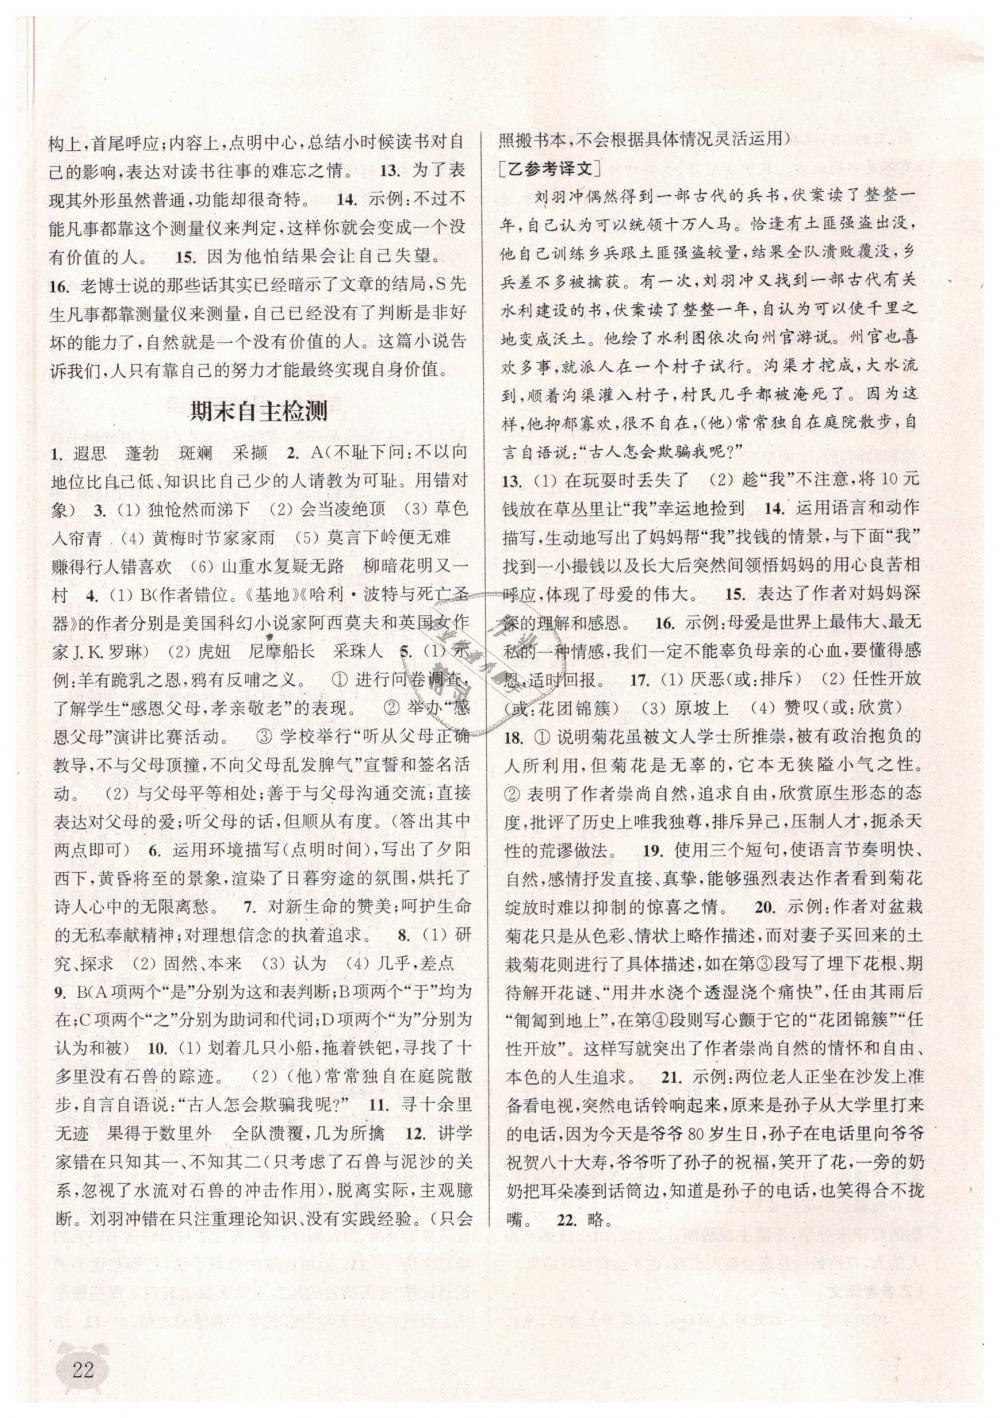 2019年通城学典课时作业本七年级语文下册人教版第22页